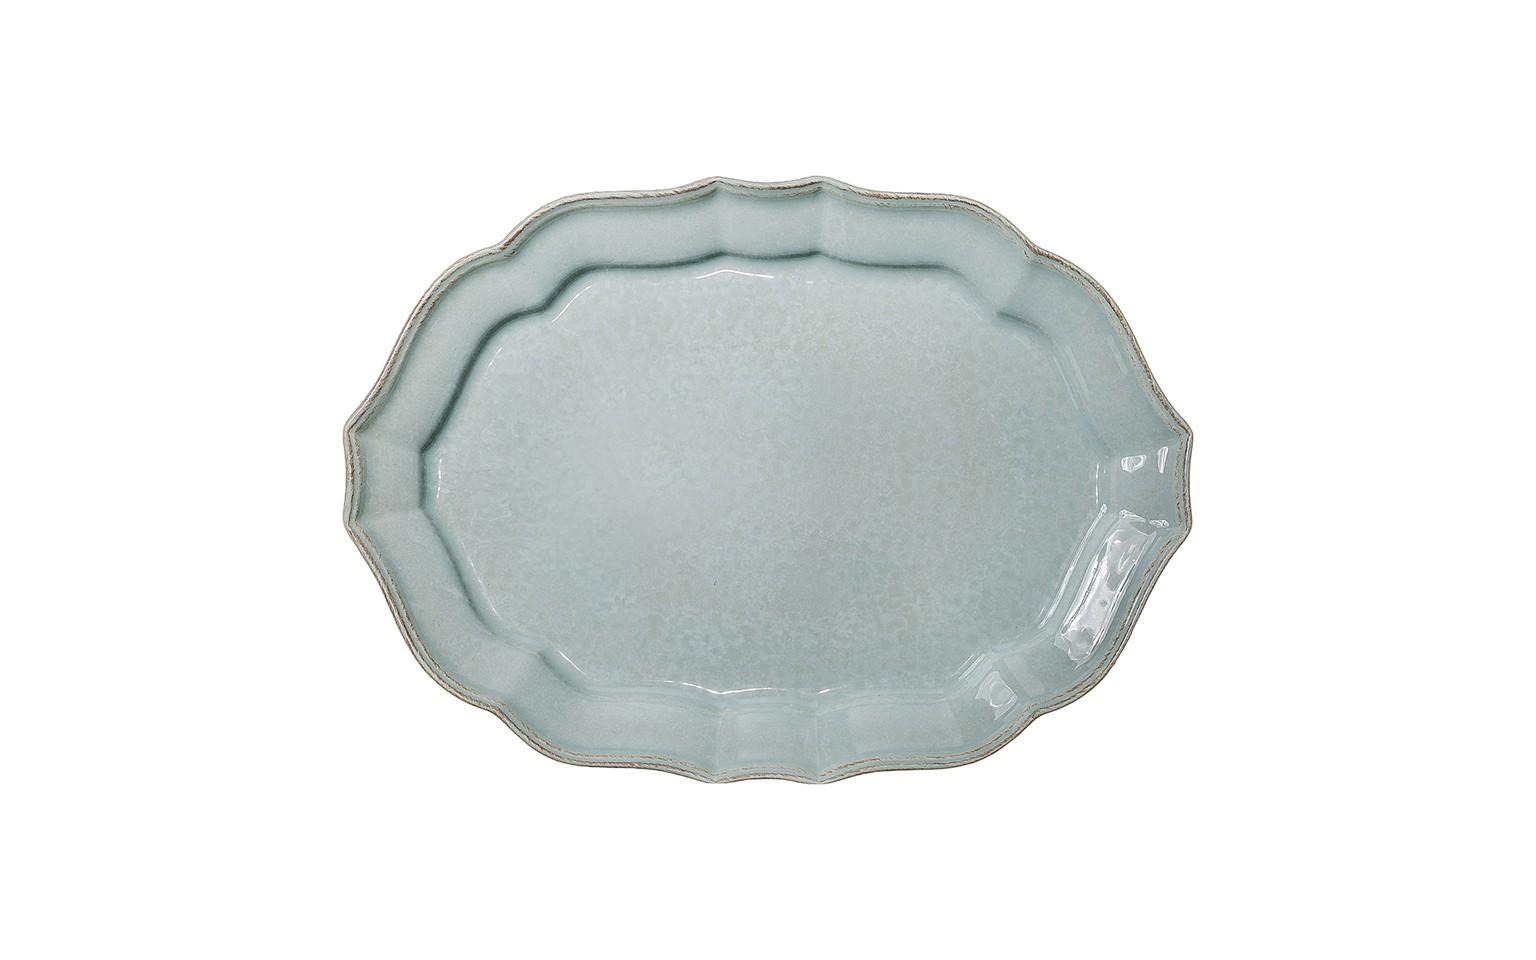 Блюдо овальноеДекоративные блюда<br>Costa Nova (Португалия) – керамическая посуда из самого сердца Португалии. Керамическая посуда Costa Nova абсолютно устойчива к мытью, даже в посудомоечной машине, ее вполне можно использовать для замораживания продуктов и в микроволновой печи, при этом можно не бояться повредить эту великолепную глазурь и свежие краски. Такую посуду легко мыть, при ее очистке можно использовать металлические губки – и все это благодаря прочному глазурованному покрытию. Все серии посуды от Costa Nova отвечают международным стандартам качества. Керамическая посуда от Costa Nova не содержит такие вещества, как свинец и кадмий.<br><br>Material: Керамика<br>Width см: 45